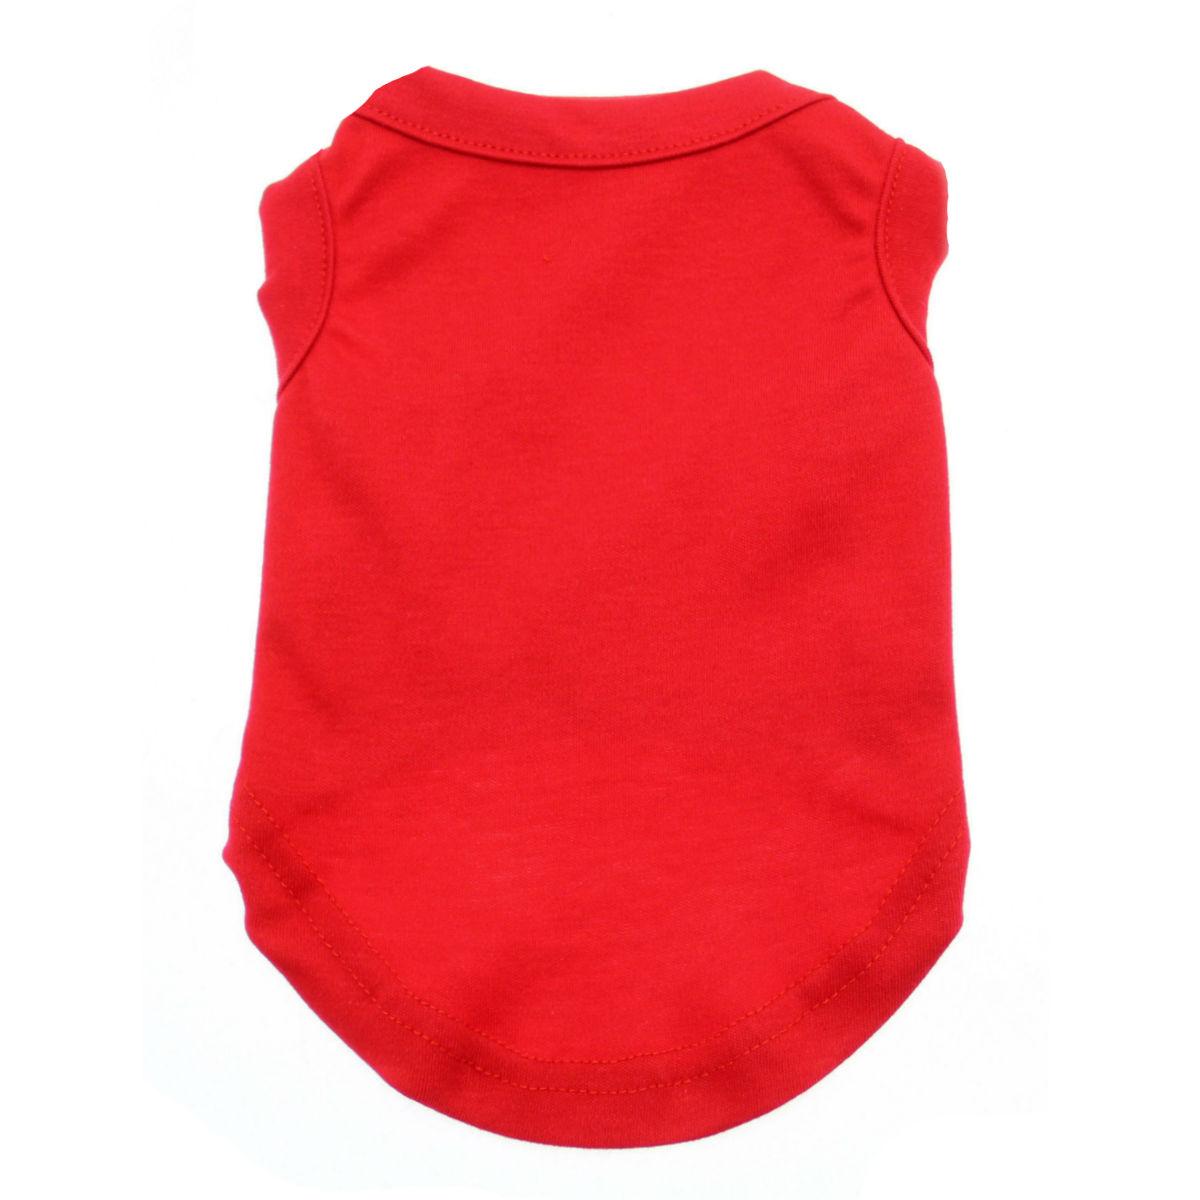 Plain Dog Shirt - Red